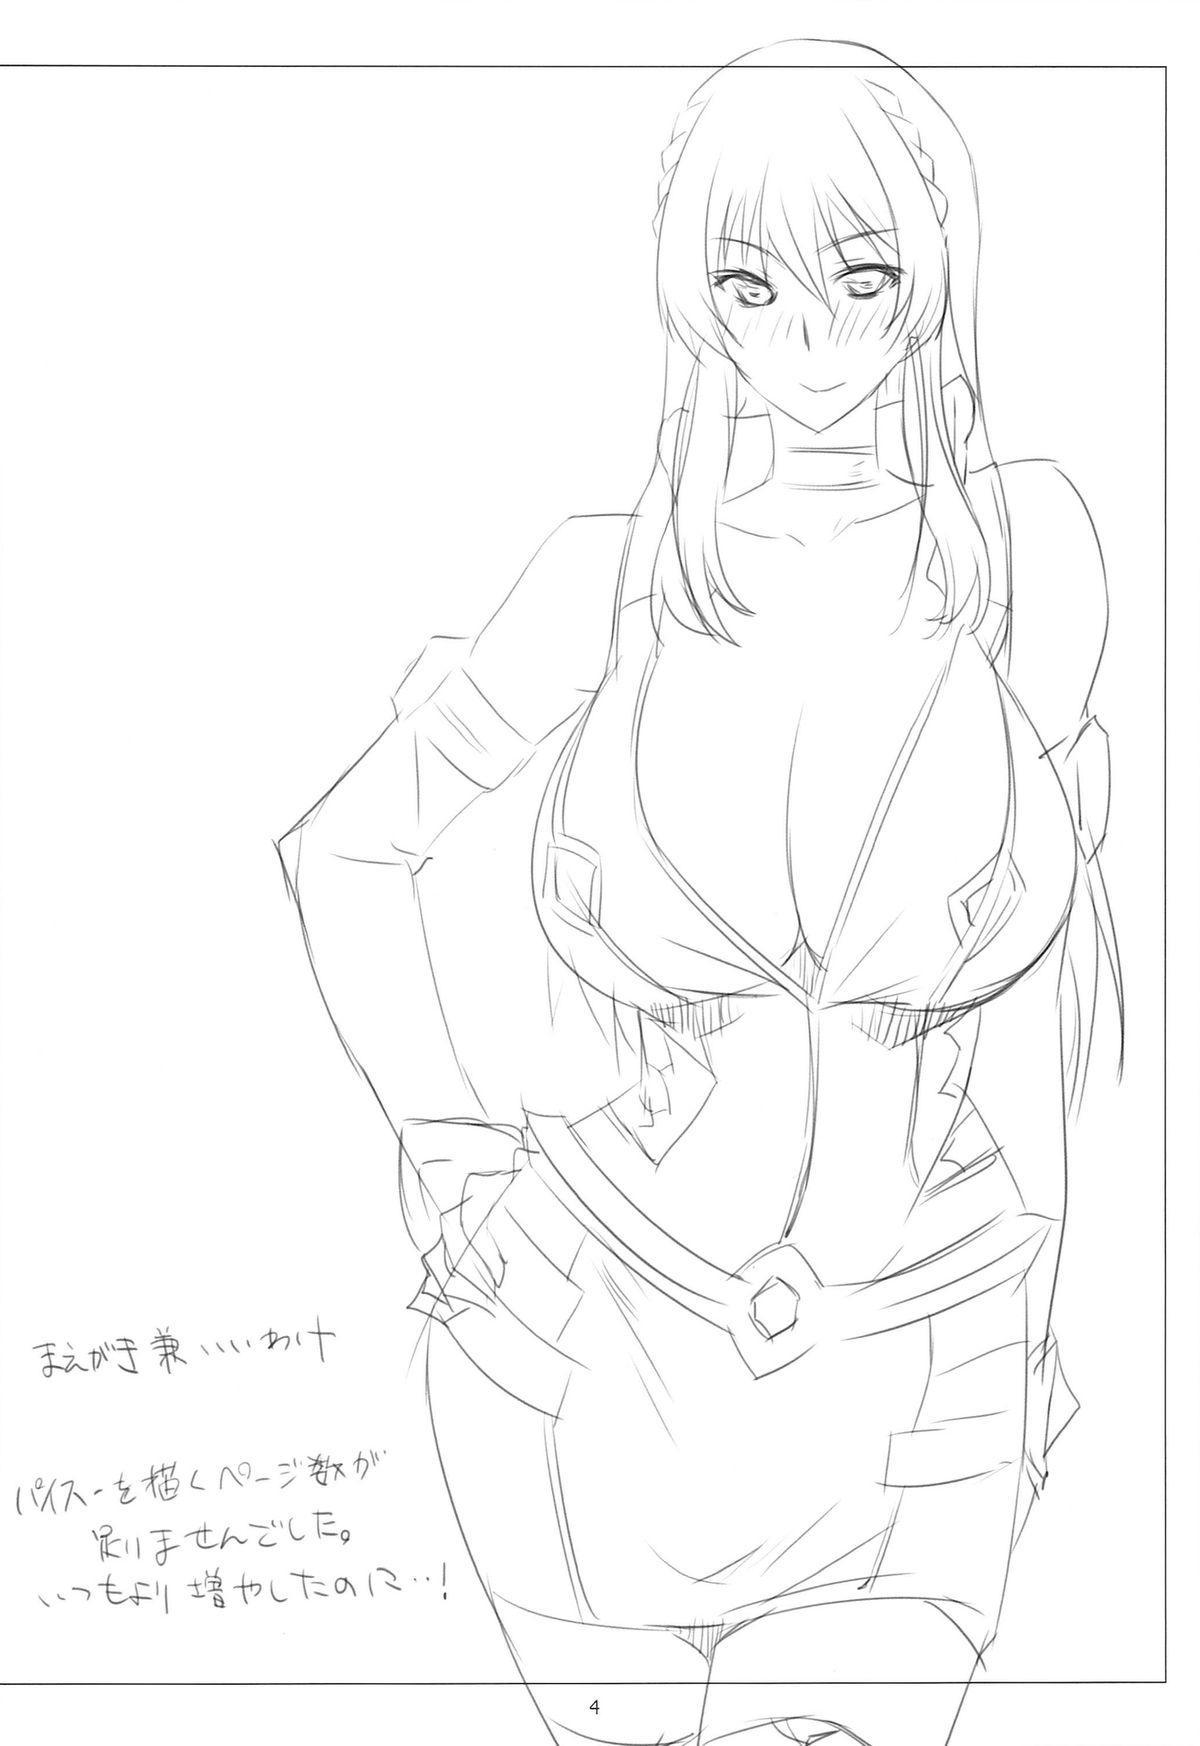 Saijou Suzune no Seiyoku Shori Kyoushitu 4